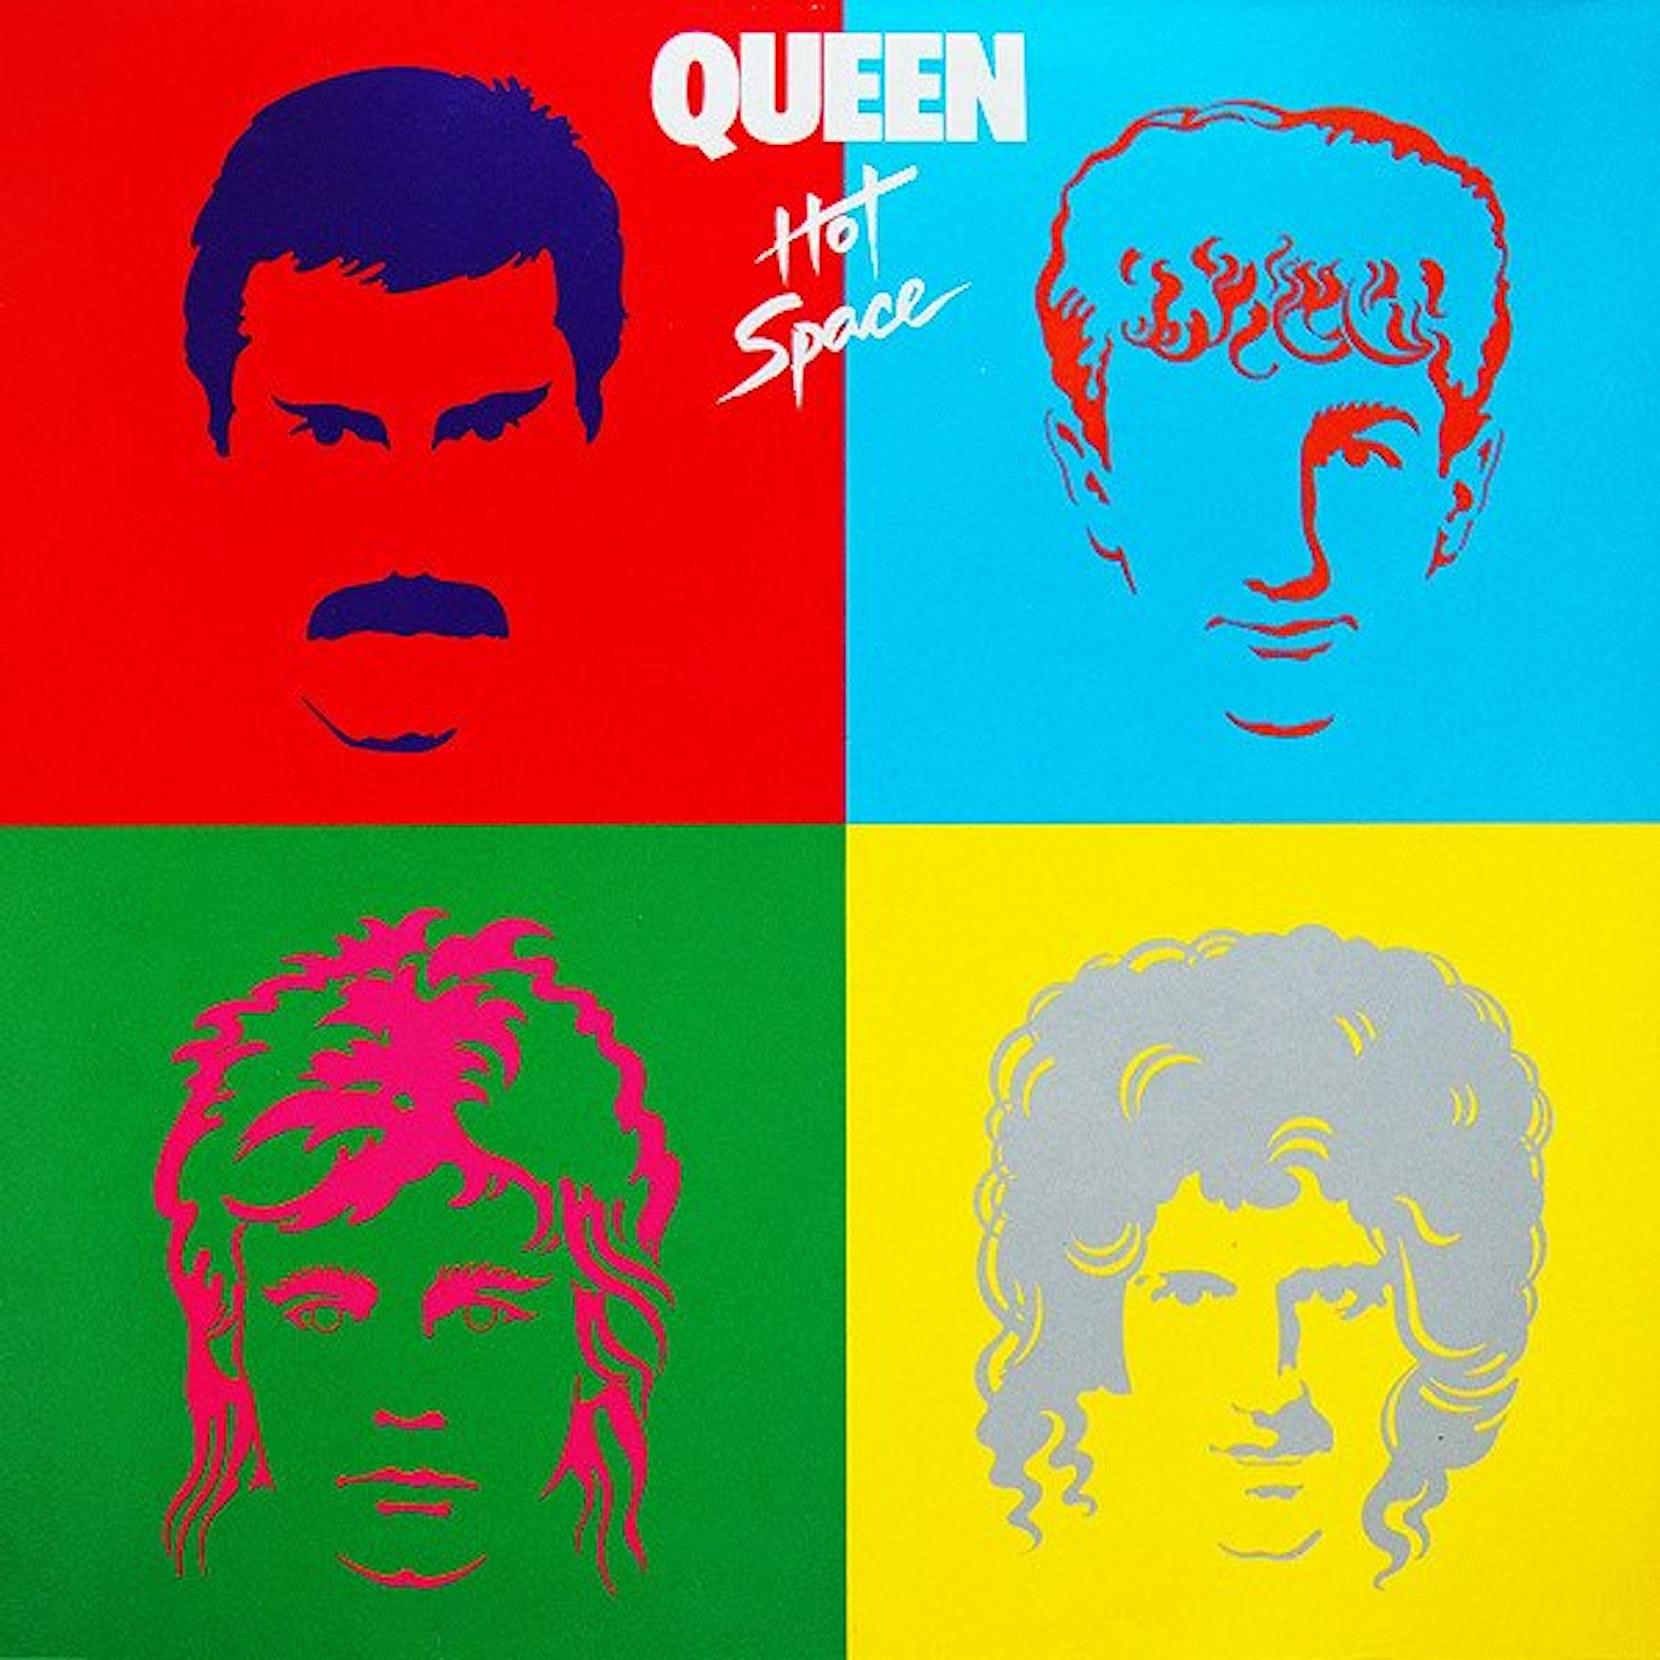 The 10 Best Queen Albums To Own On Vinyl Vinyl Me Please